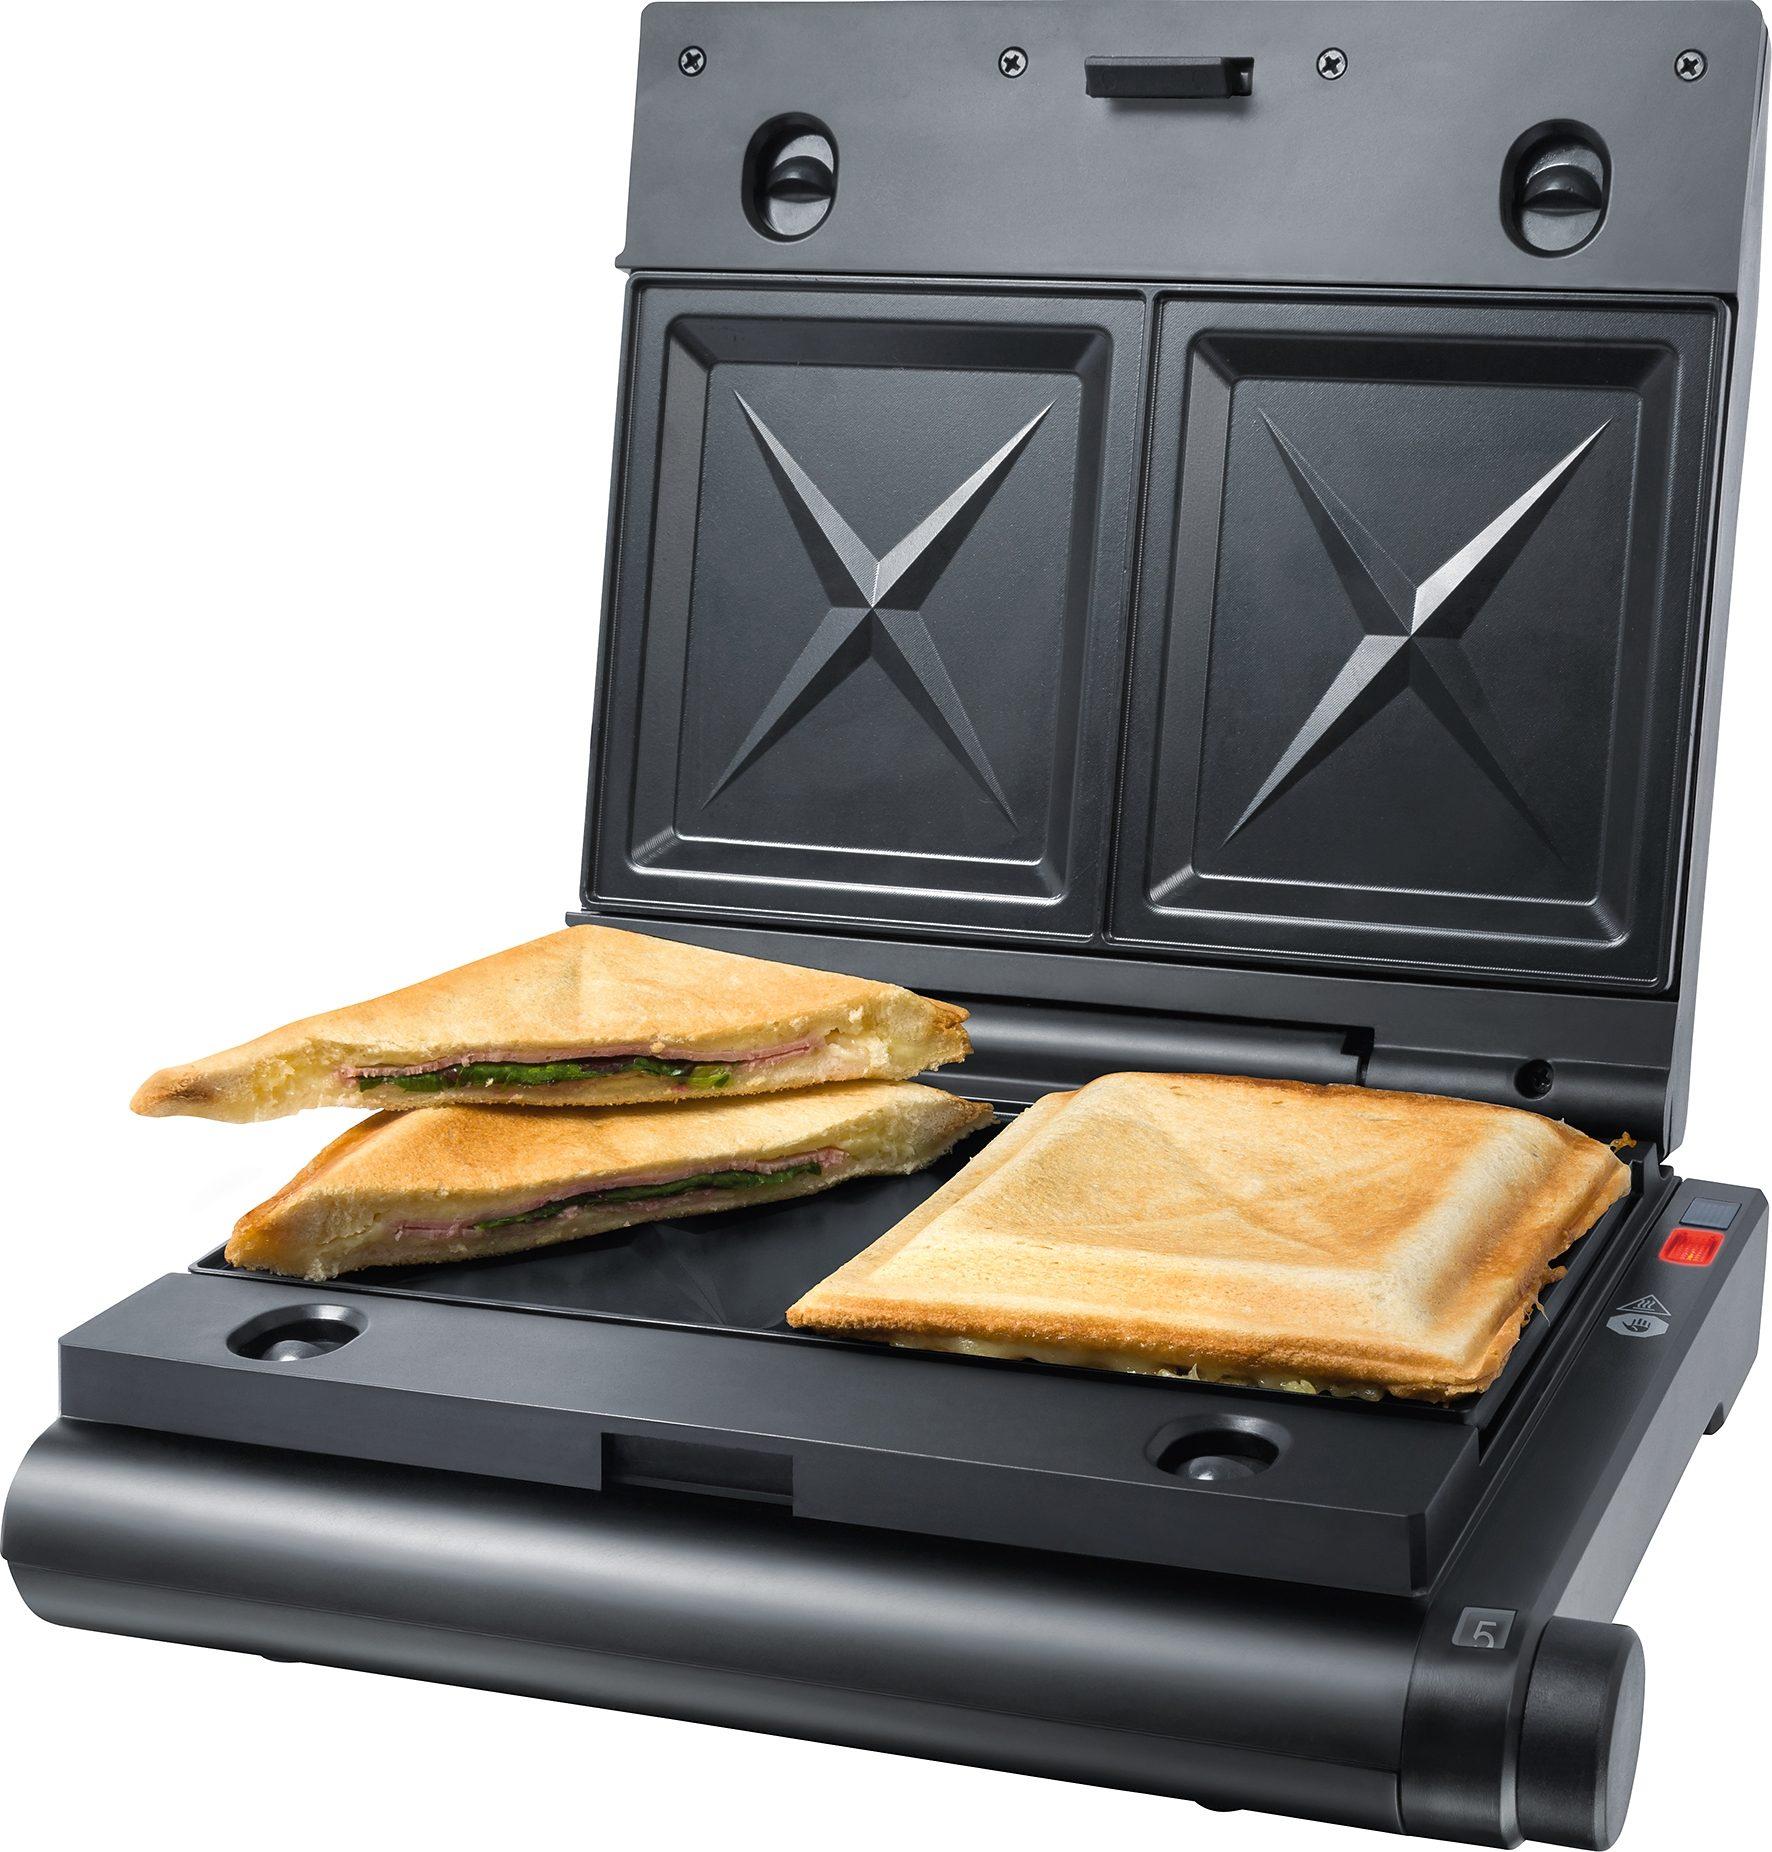 Steba Sandwichmaker SG 55, 1100 Watt